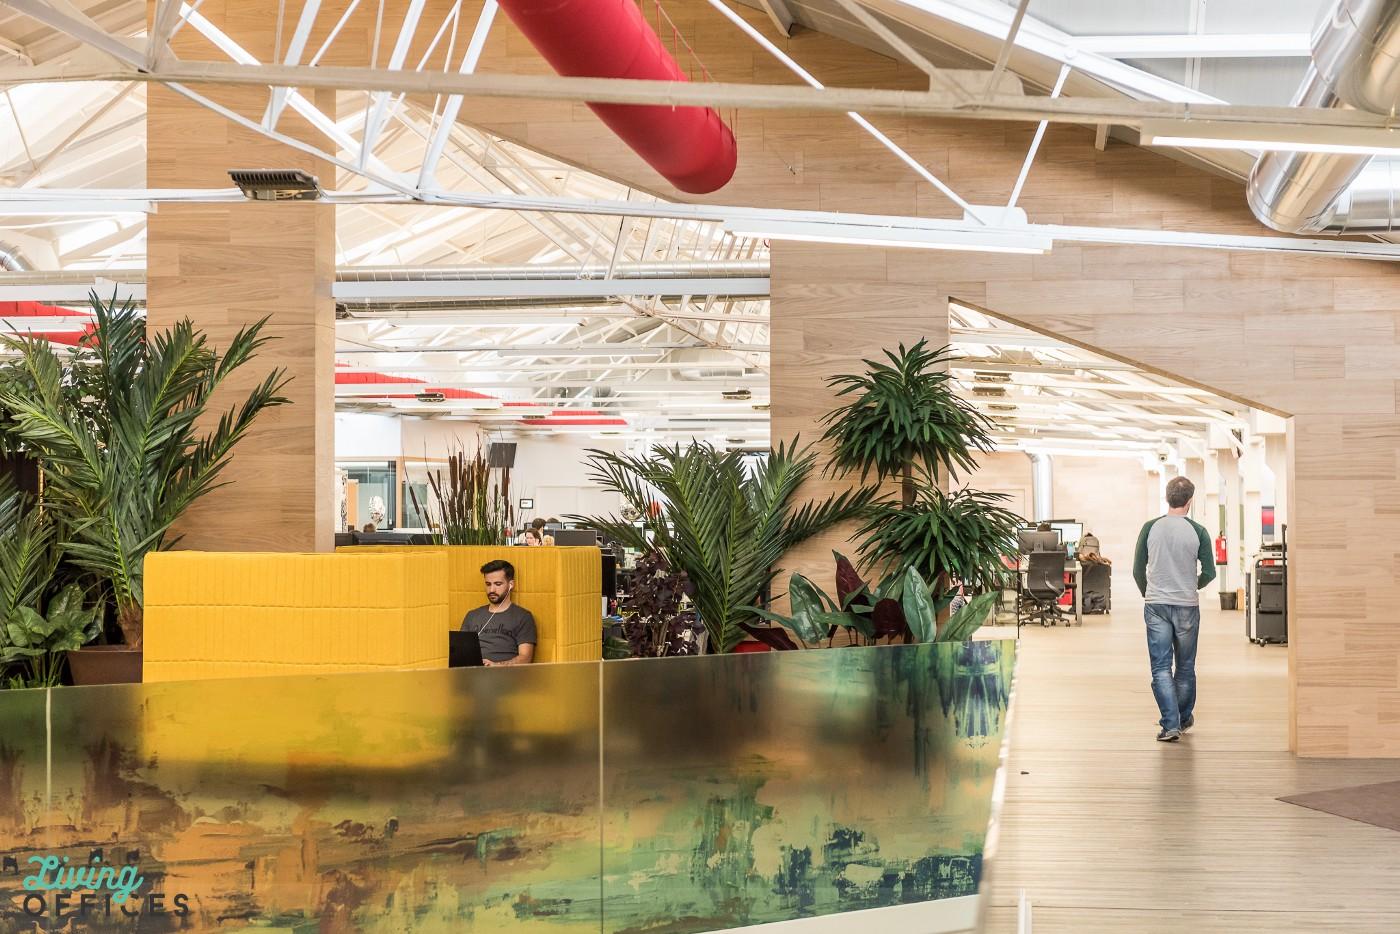 Farfetch Portugal Green Office